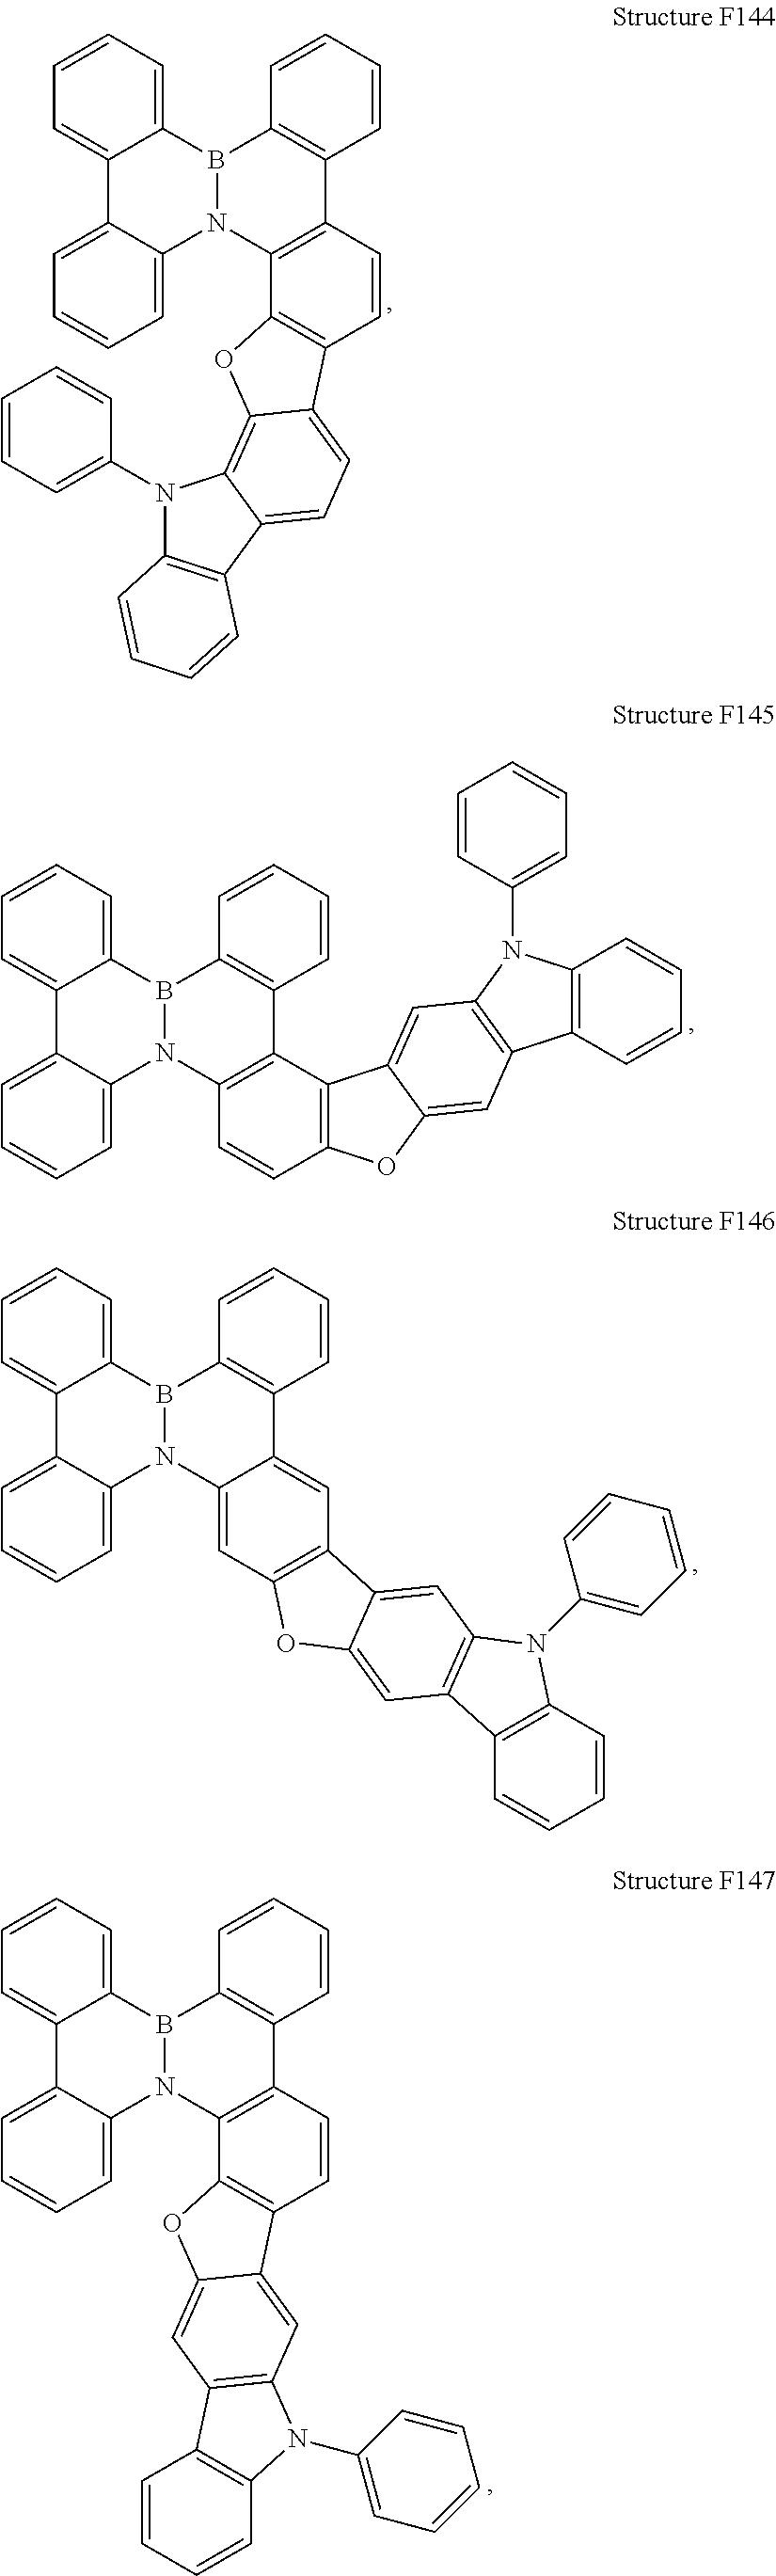 Figure US09871212-20180116-C00369